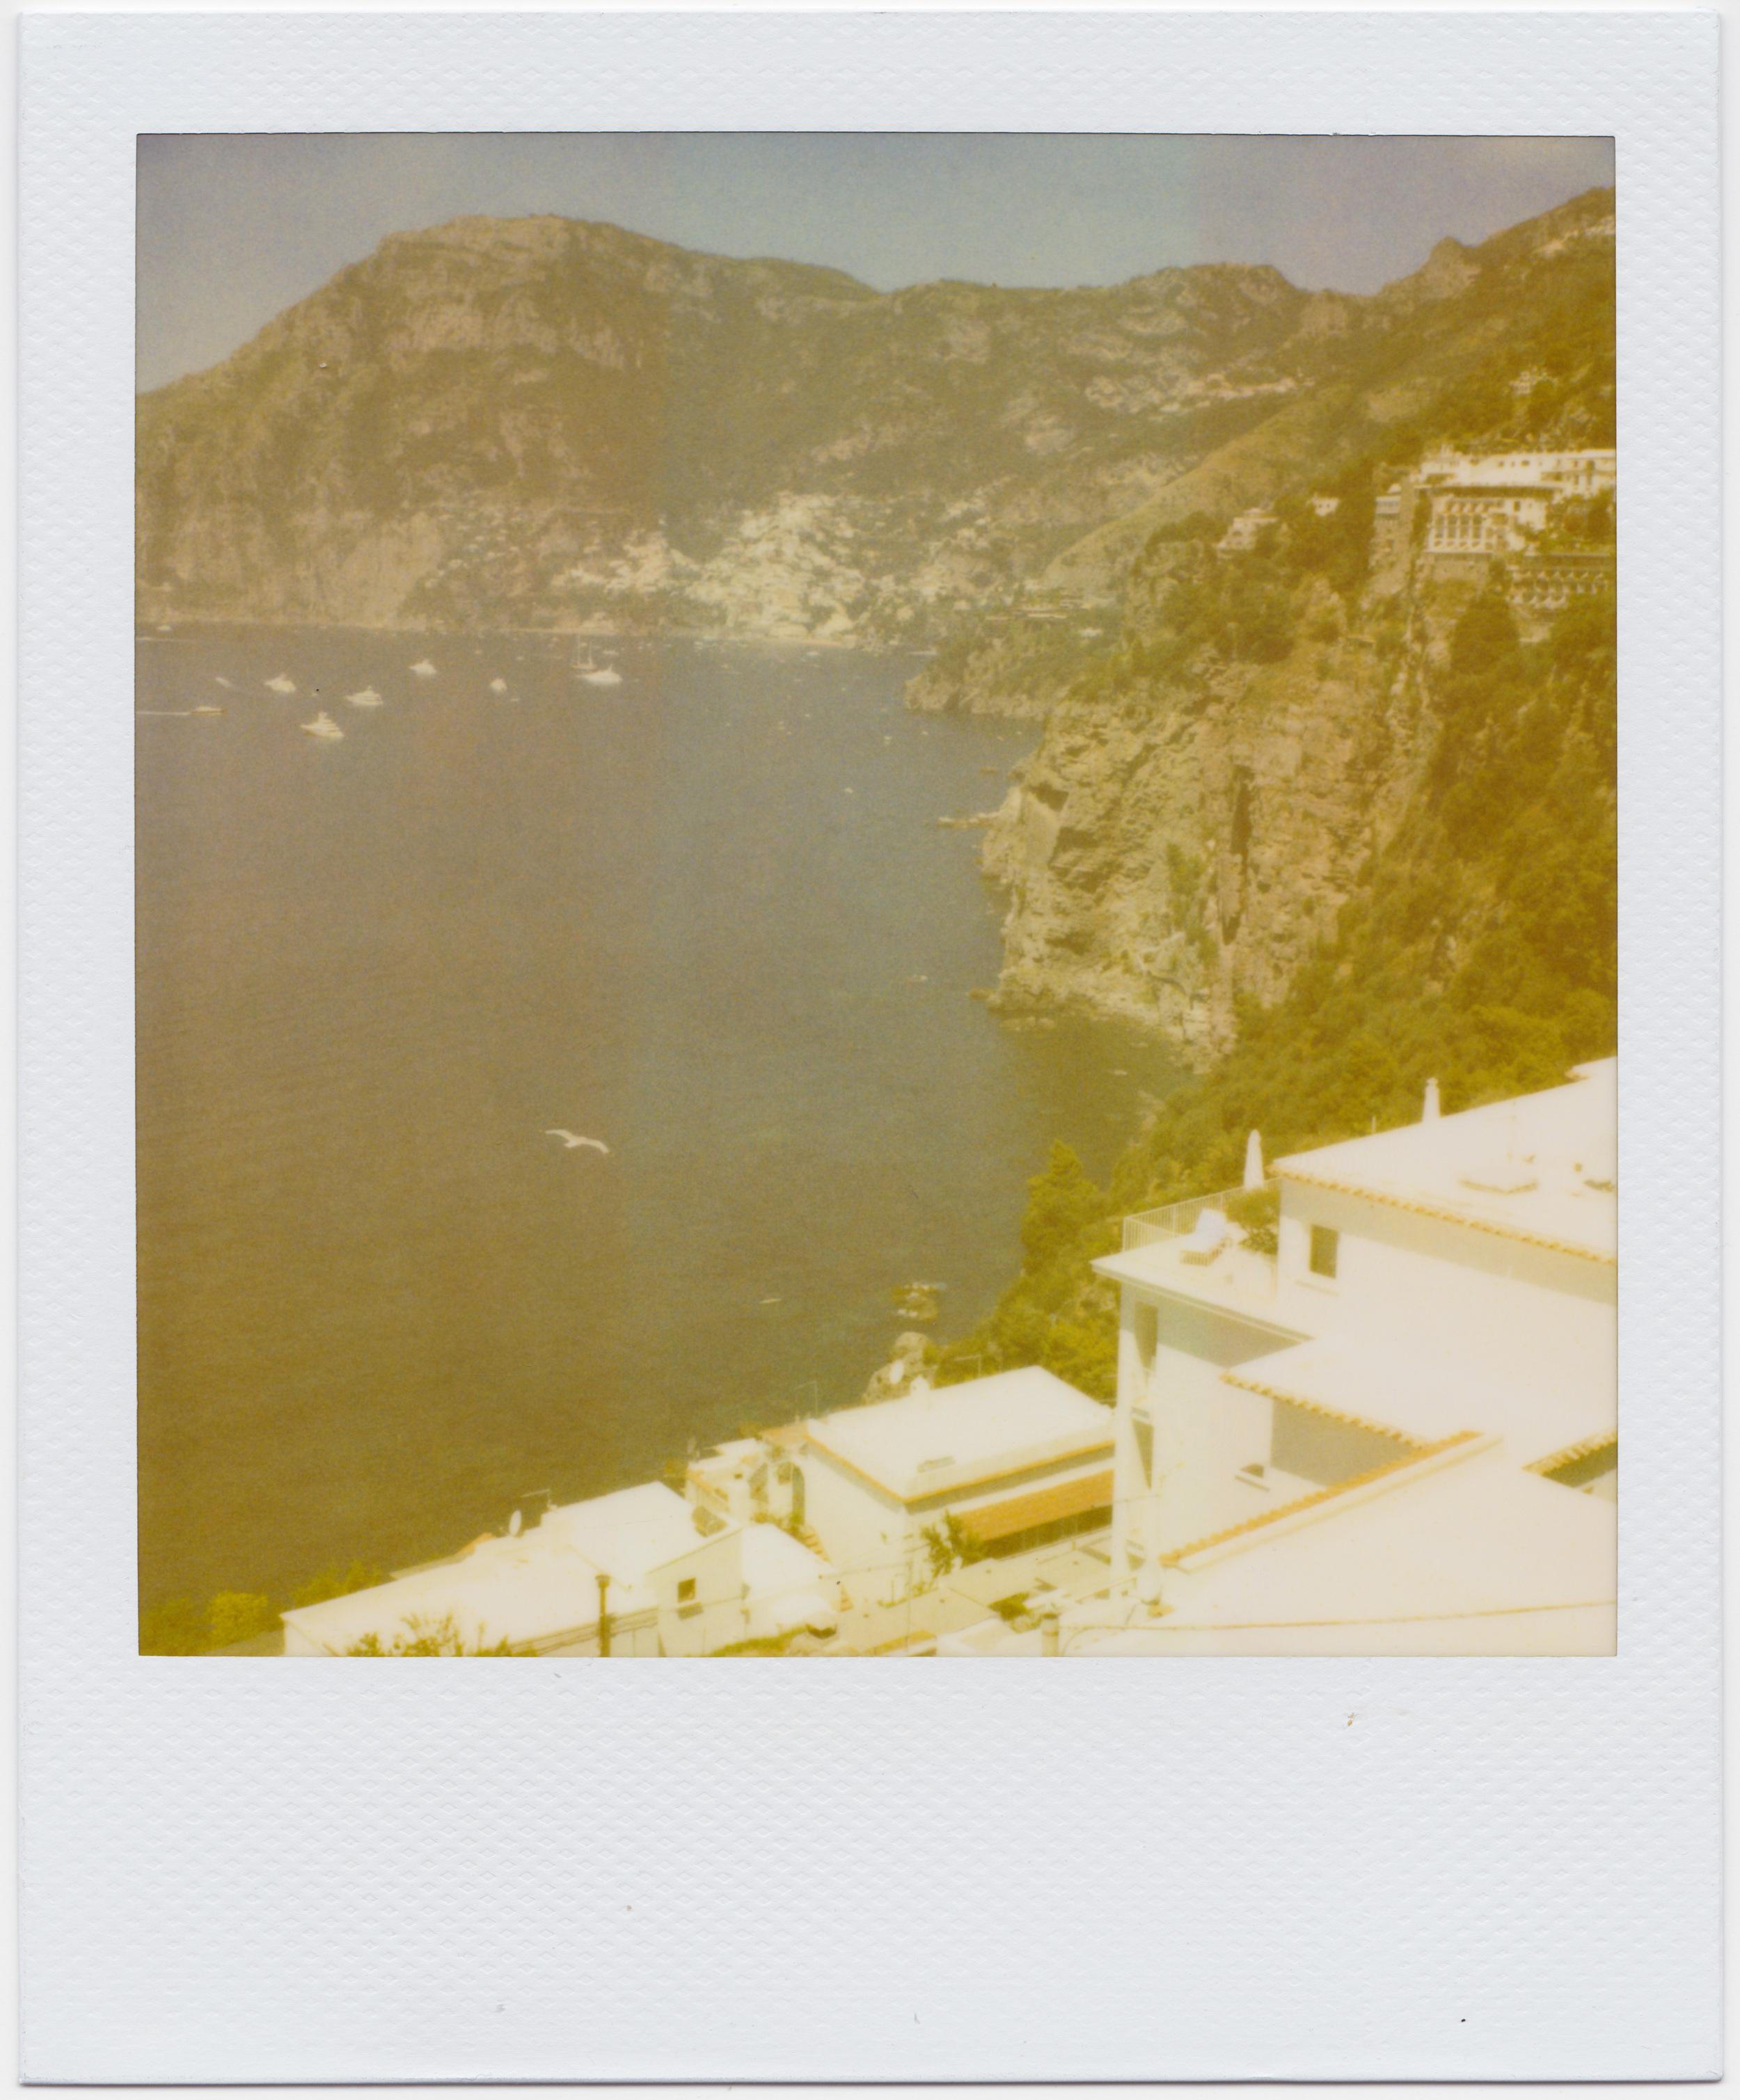 praiano-0029.jpg